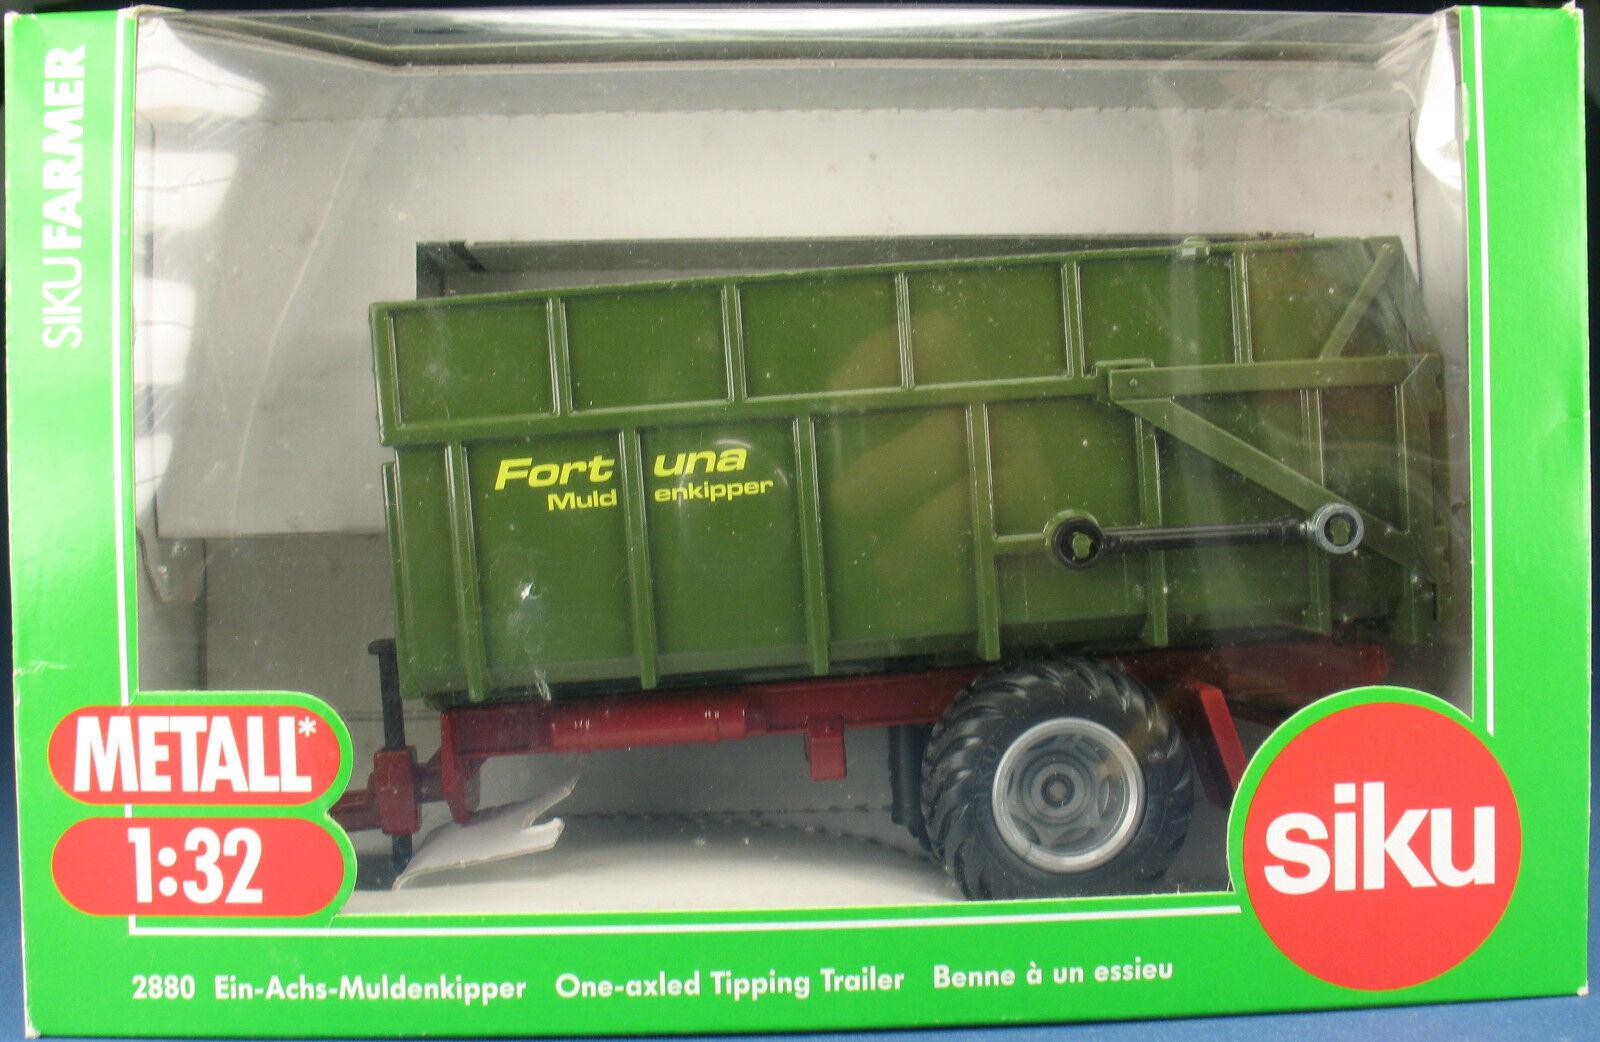 SIKU FARMER 2880 - Ein-Achs-Muldenkipper - NEU in OVP - 1 32 Anhänger f. Traktor  | Attraktive Mode